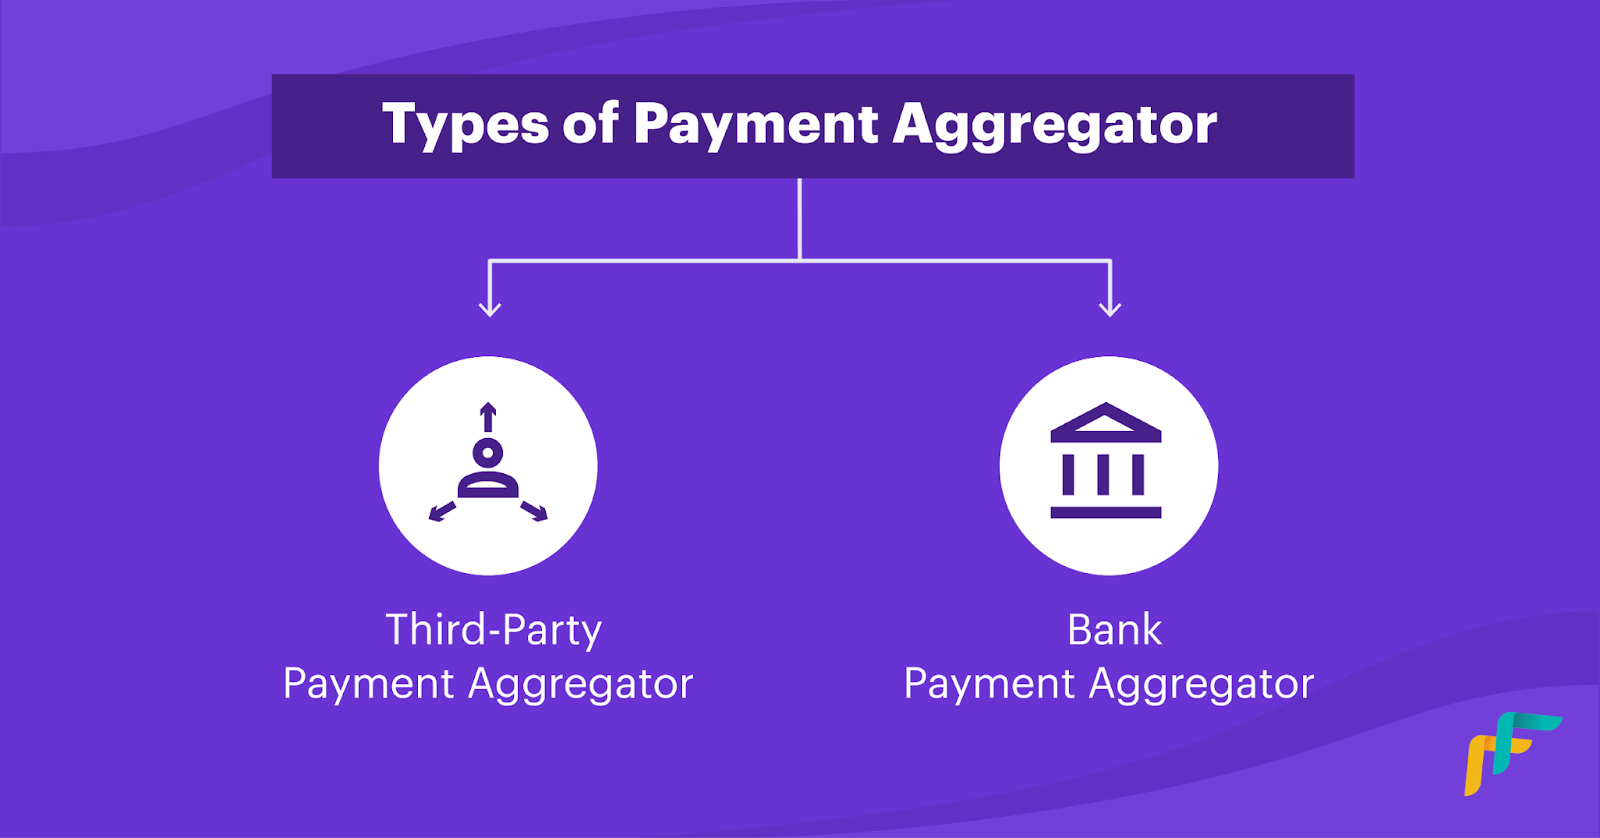 Payment Aggregator